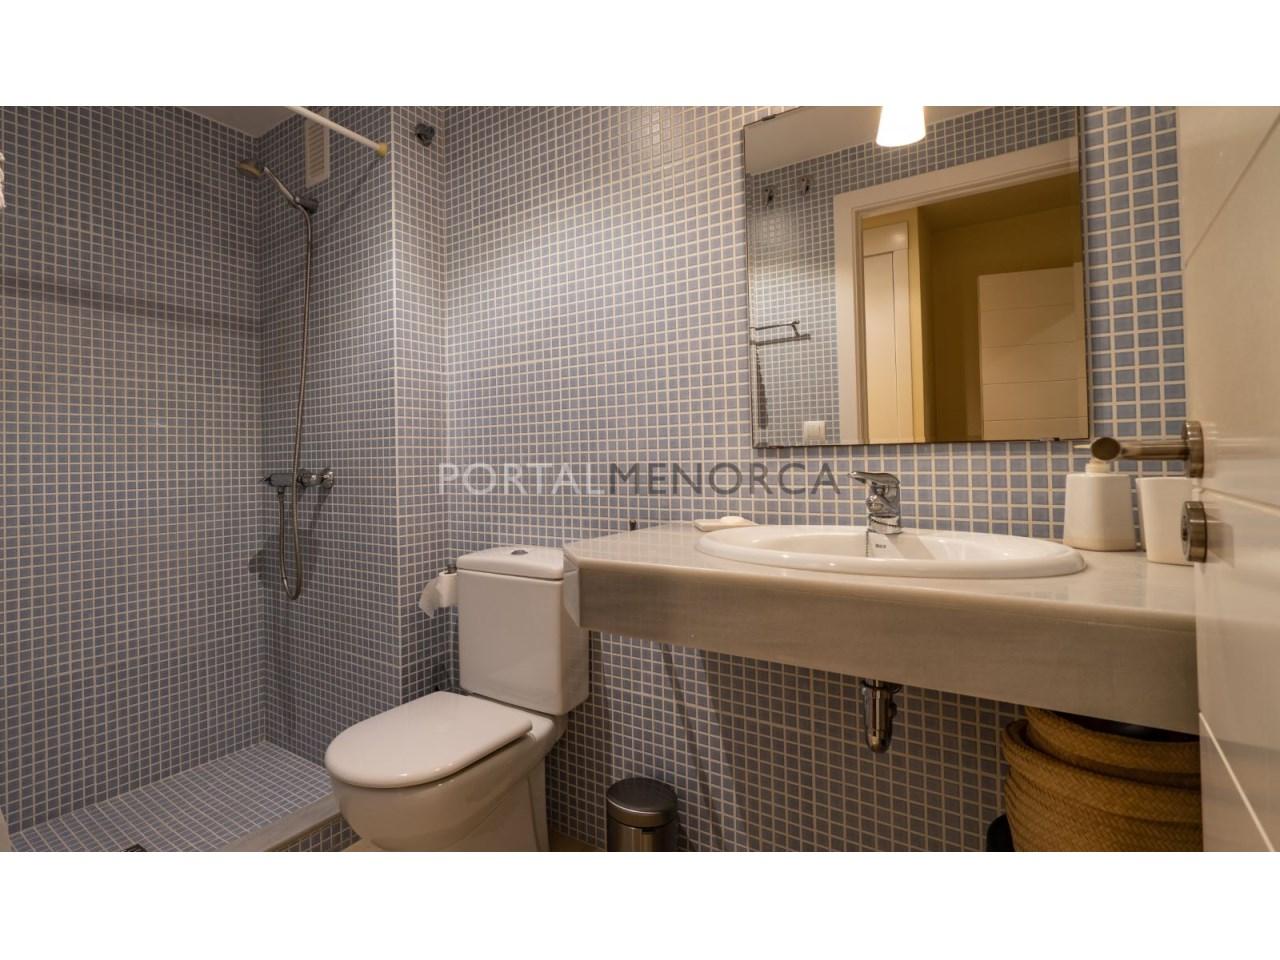 apartamento-venta-piso-menorca (3)